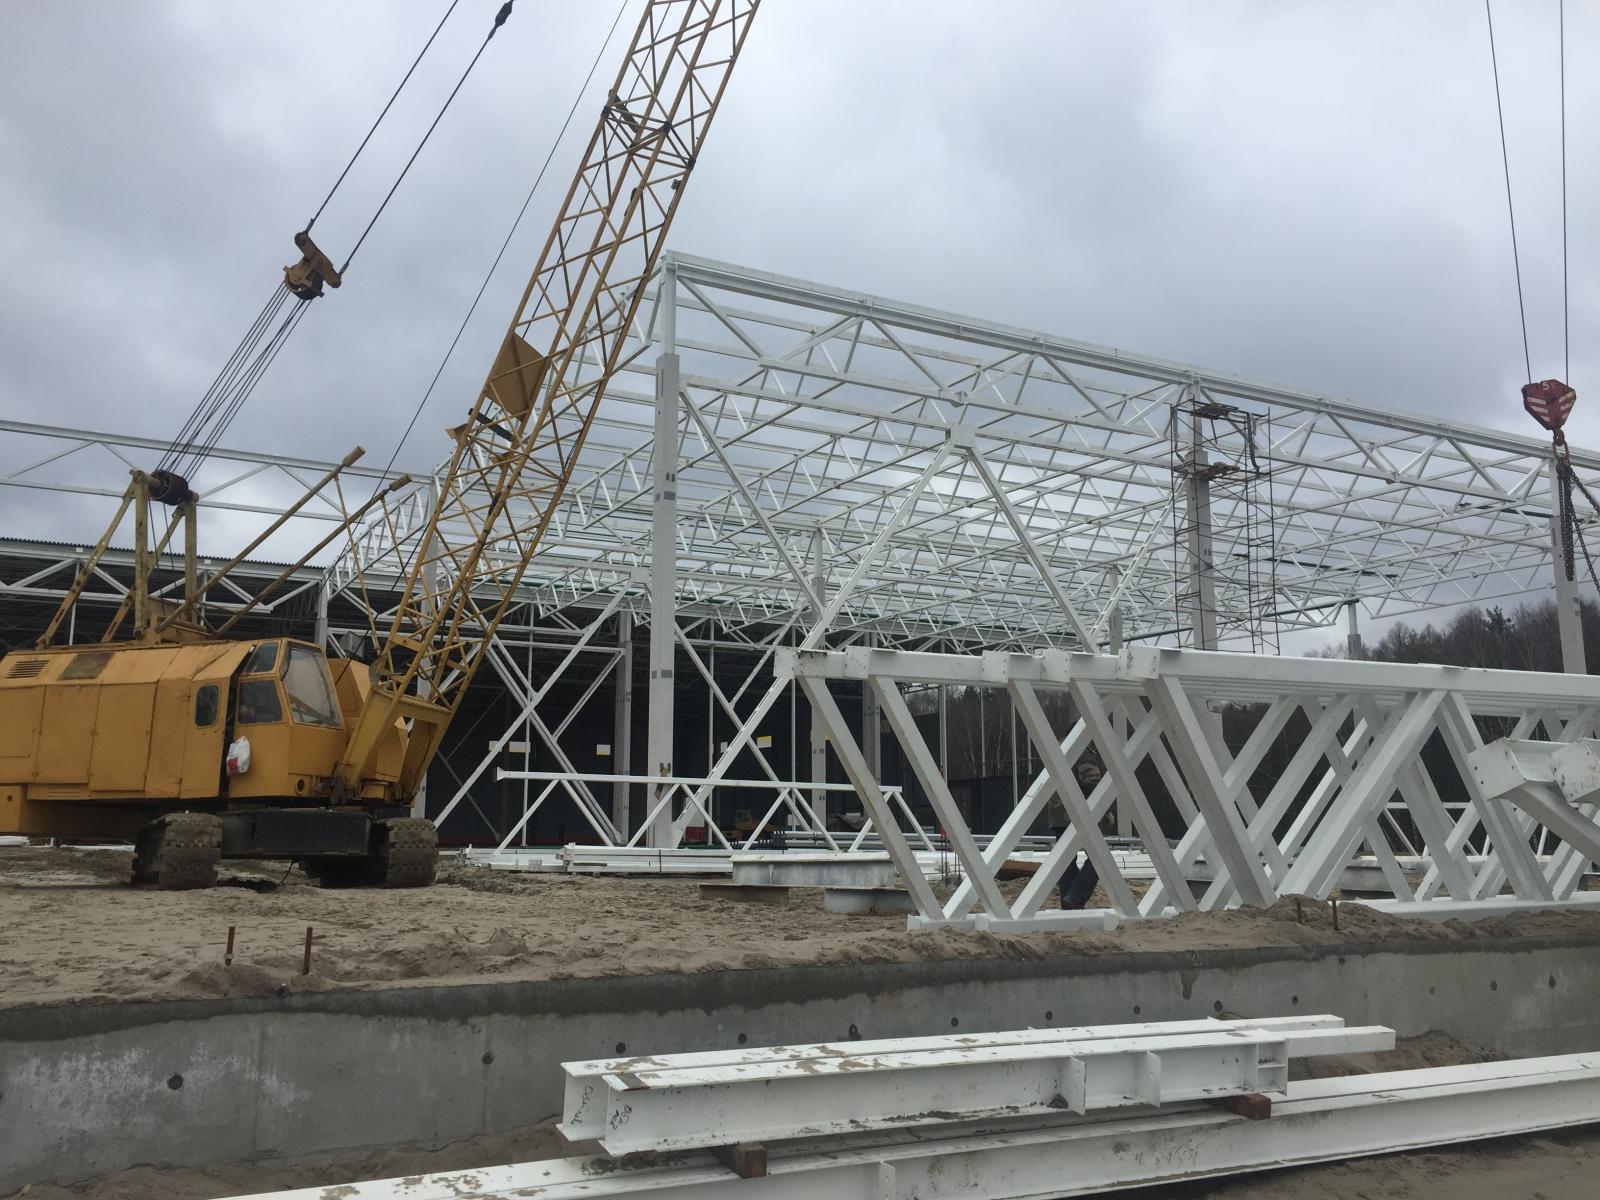 завод металлоконструкций, который изготовит и поставит полнокомплектное здание в кратчайшие сроки.